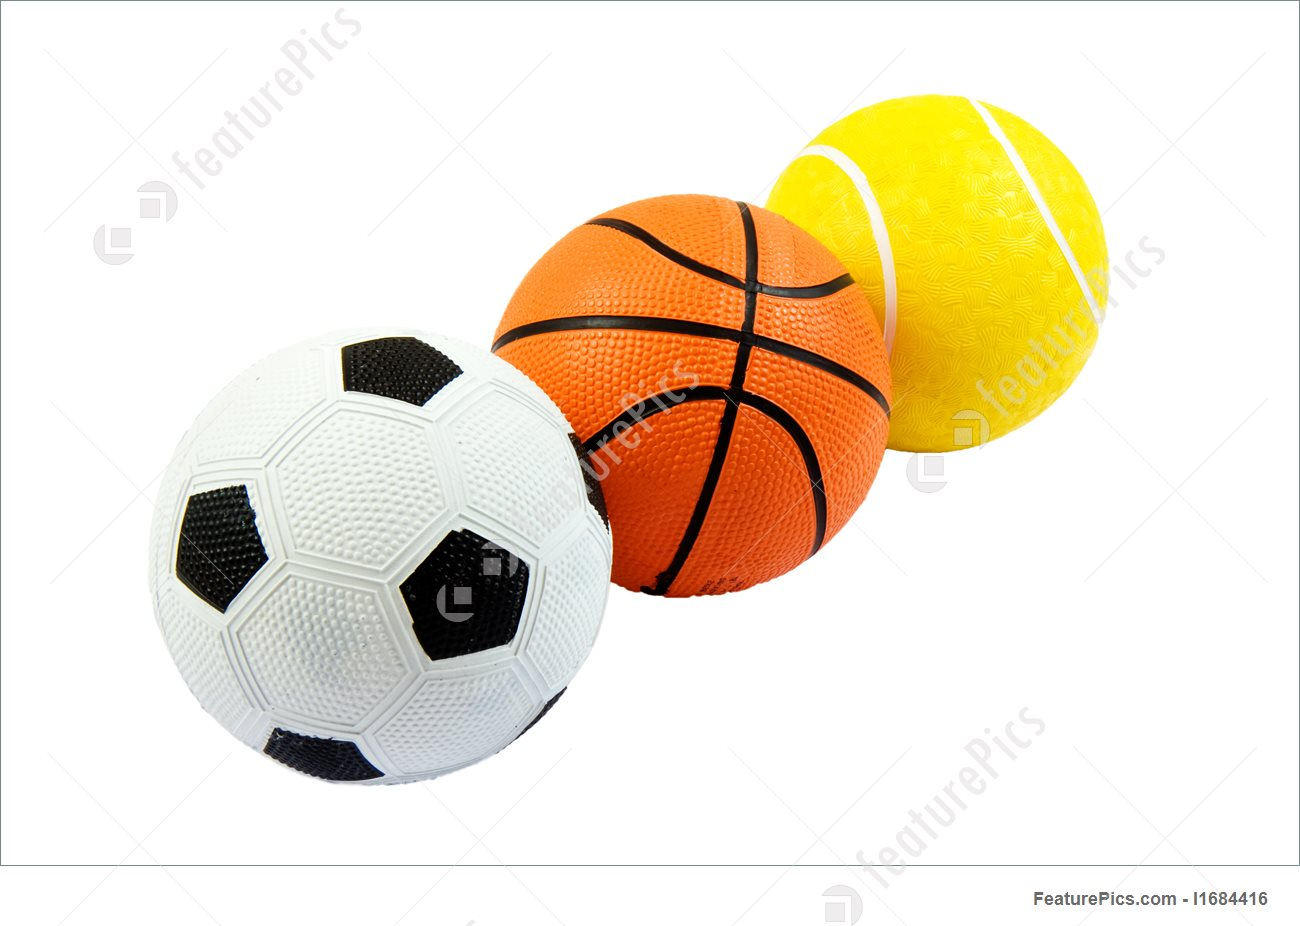 1300x926 Sports Balls Stock Photo I1684416